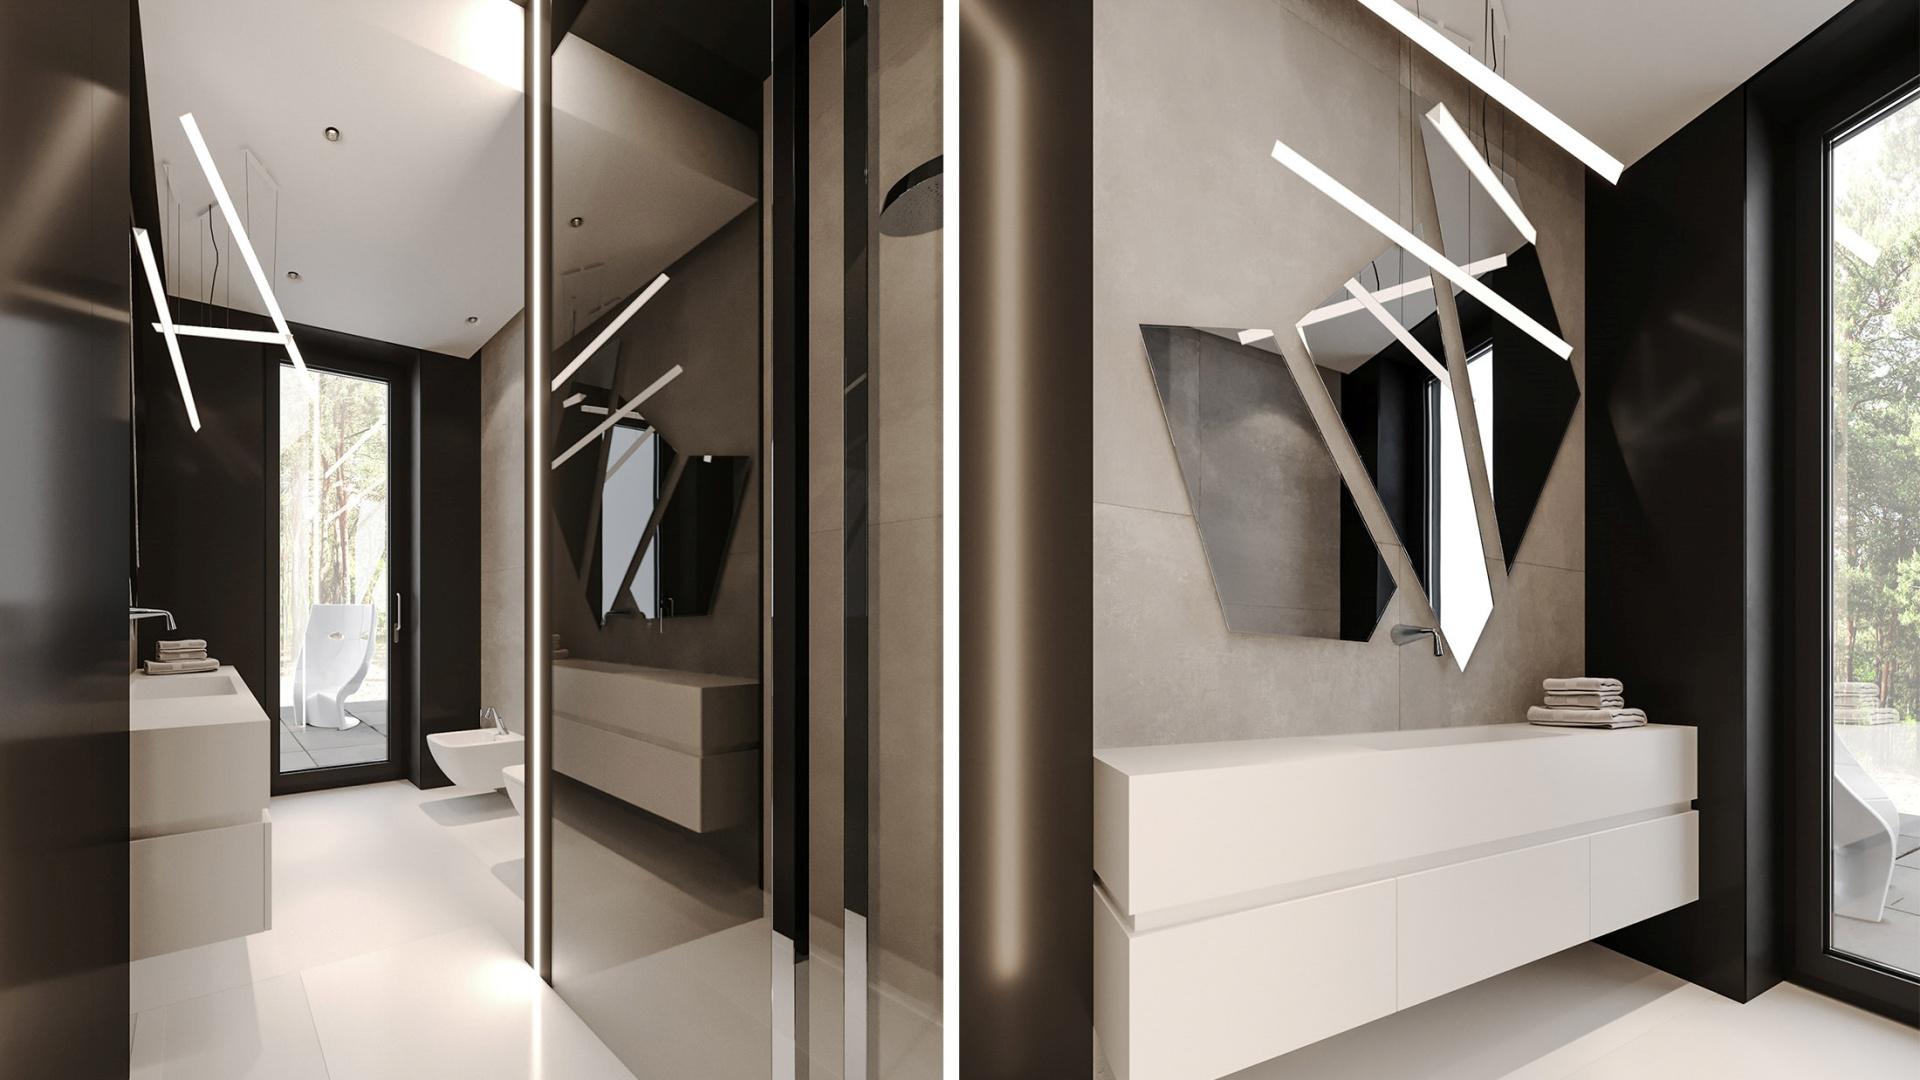 Projekt wnętrz RE: GROUND FLOOR HOUSE 2.0 projektu architekta Marcina Tomaszewskiego REFORM-Architekt